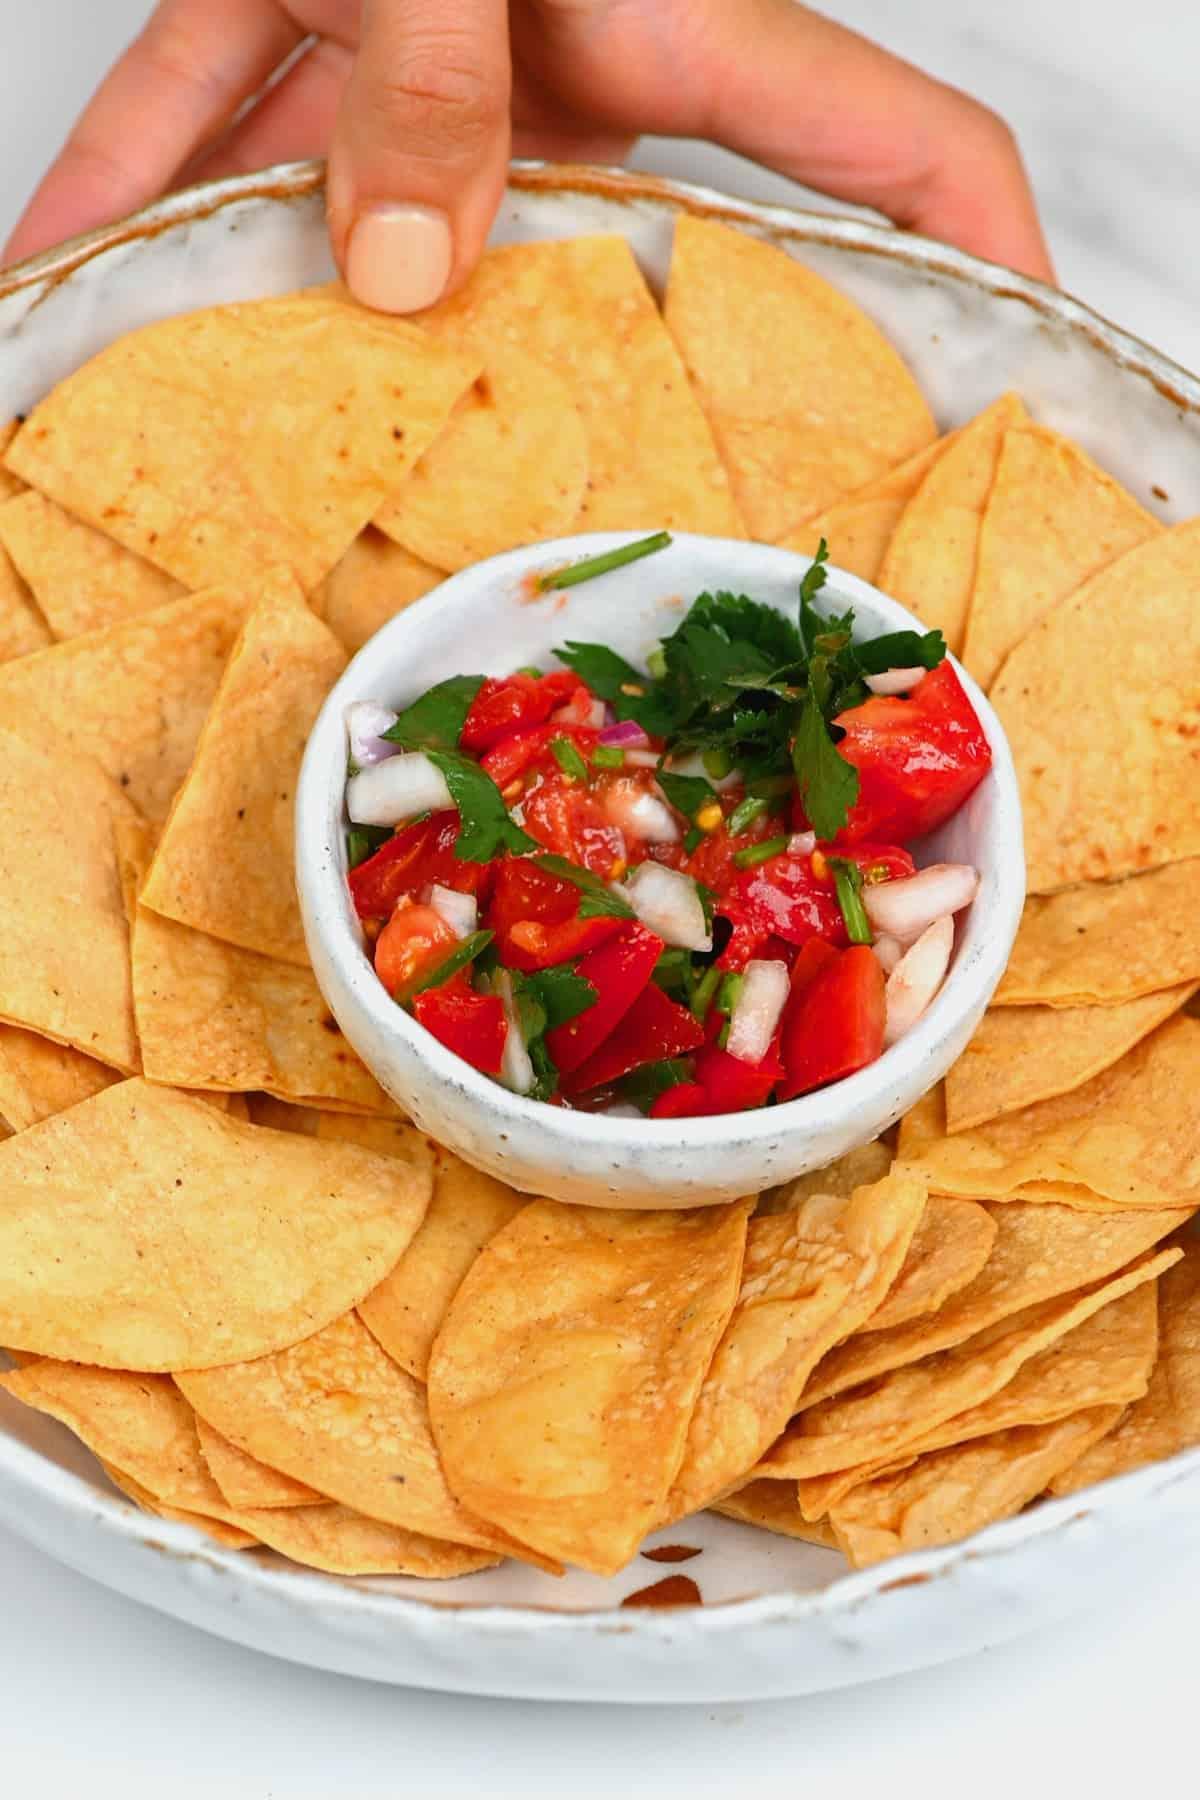 Corn tortilla chips in a bowl with pico de gallo